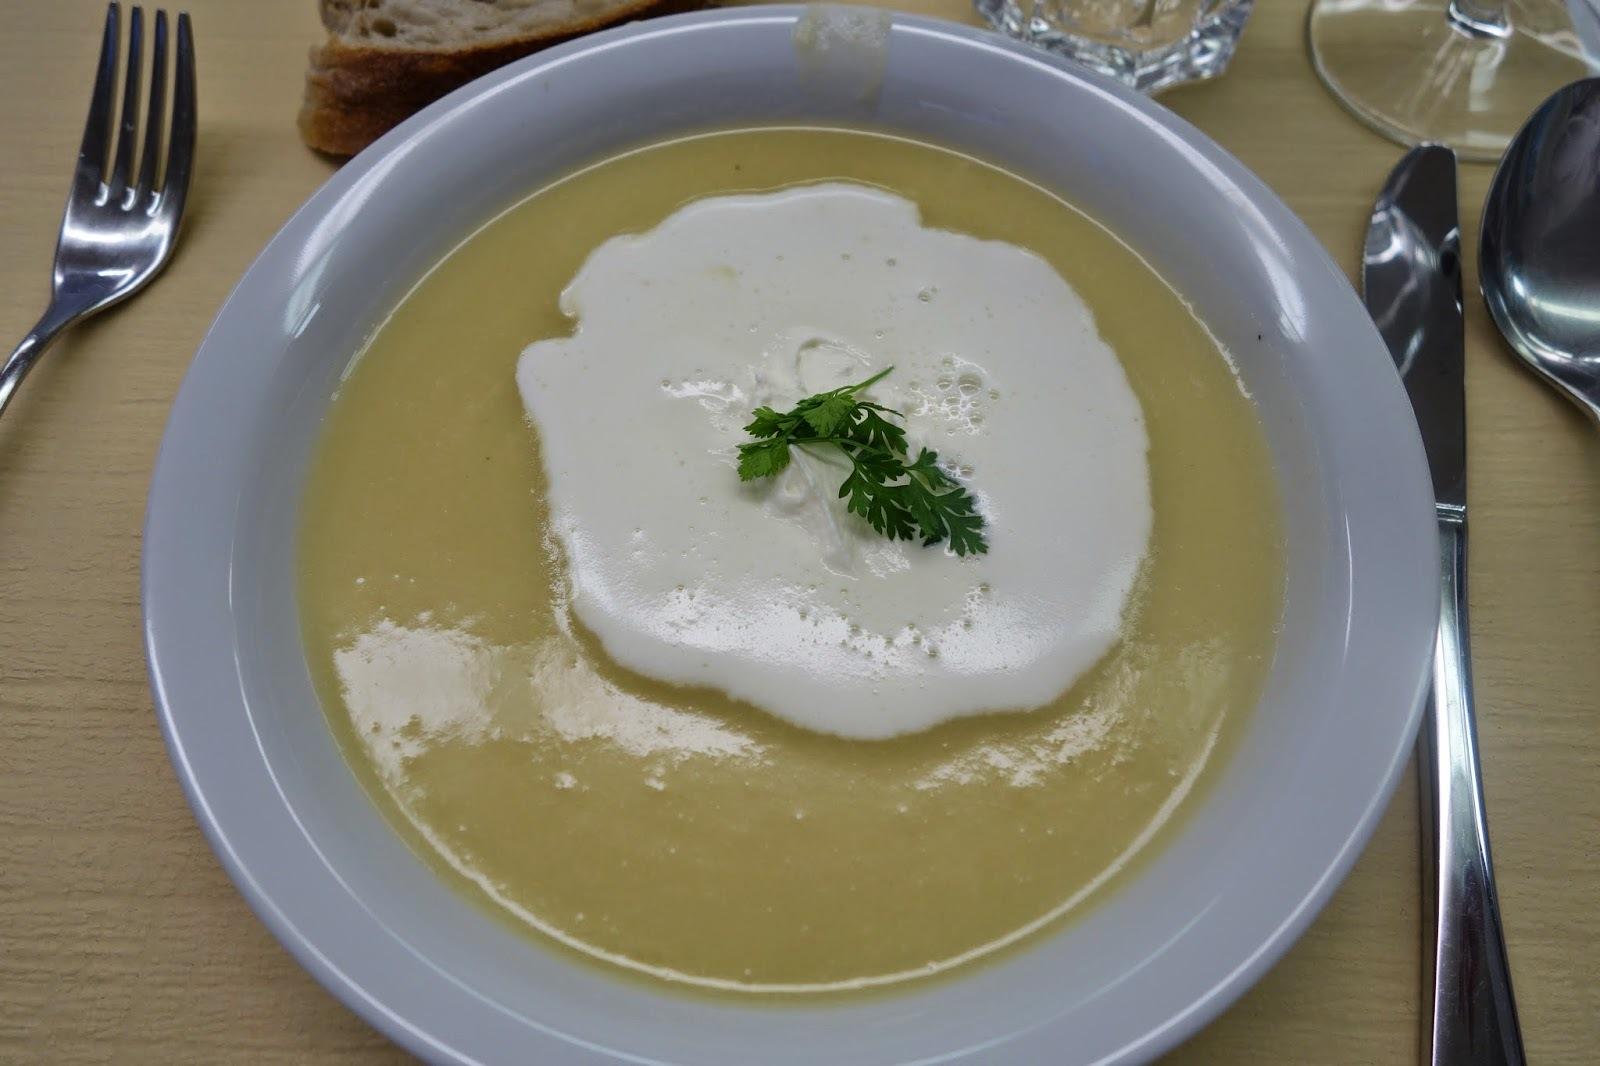 Spargel-Apfelsüppchen, Kalbsmedaillon mit Bärlauch-Schaum und Gemüseallerlei, Quarkcrème auf Rhabarber-Erdbeer-Ragout - Hobbychochmenü 9.4.15